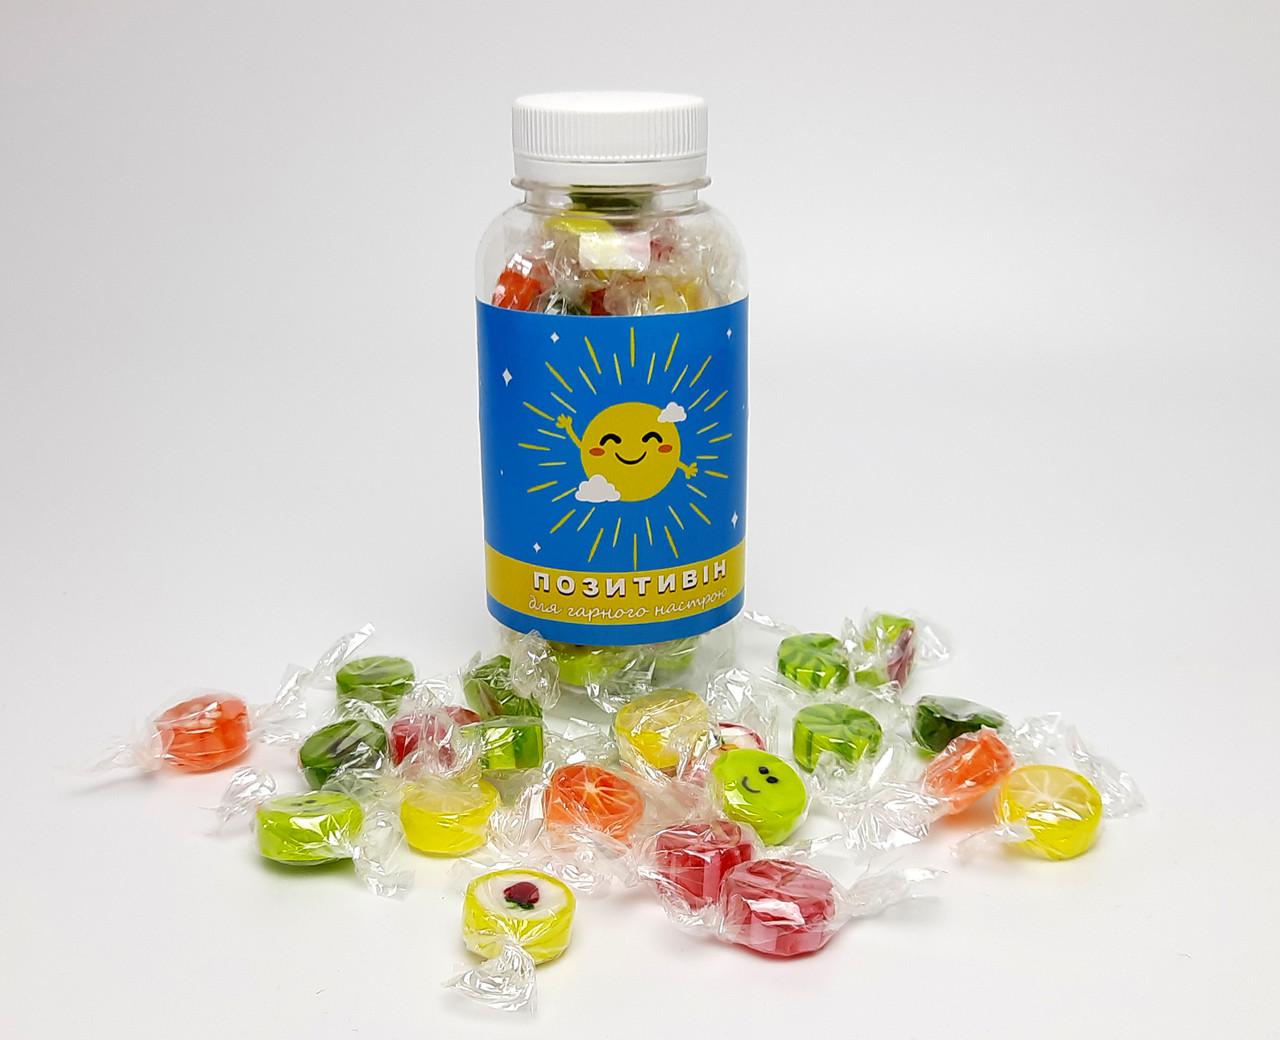 """Конфеты в баночке """"Позитивин"""" - лучший подарок для хорошего настроения - Идеальное средство от грусти и печали"""